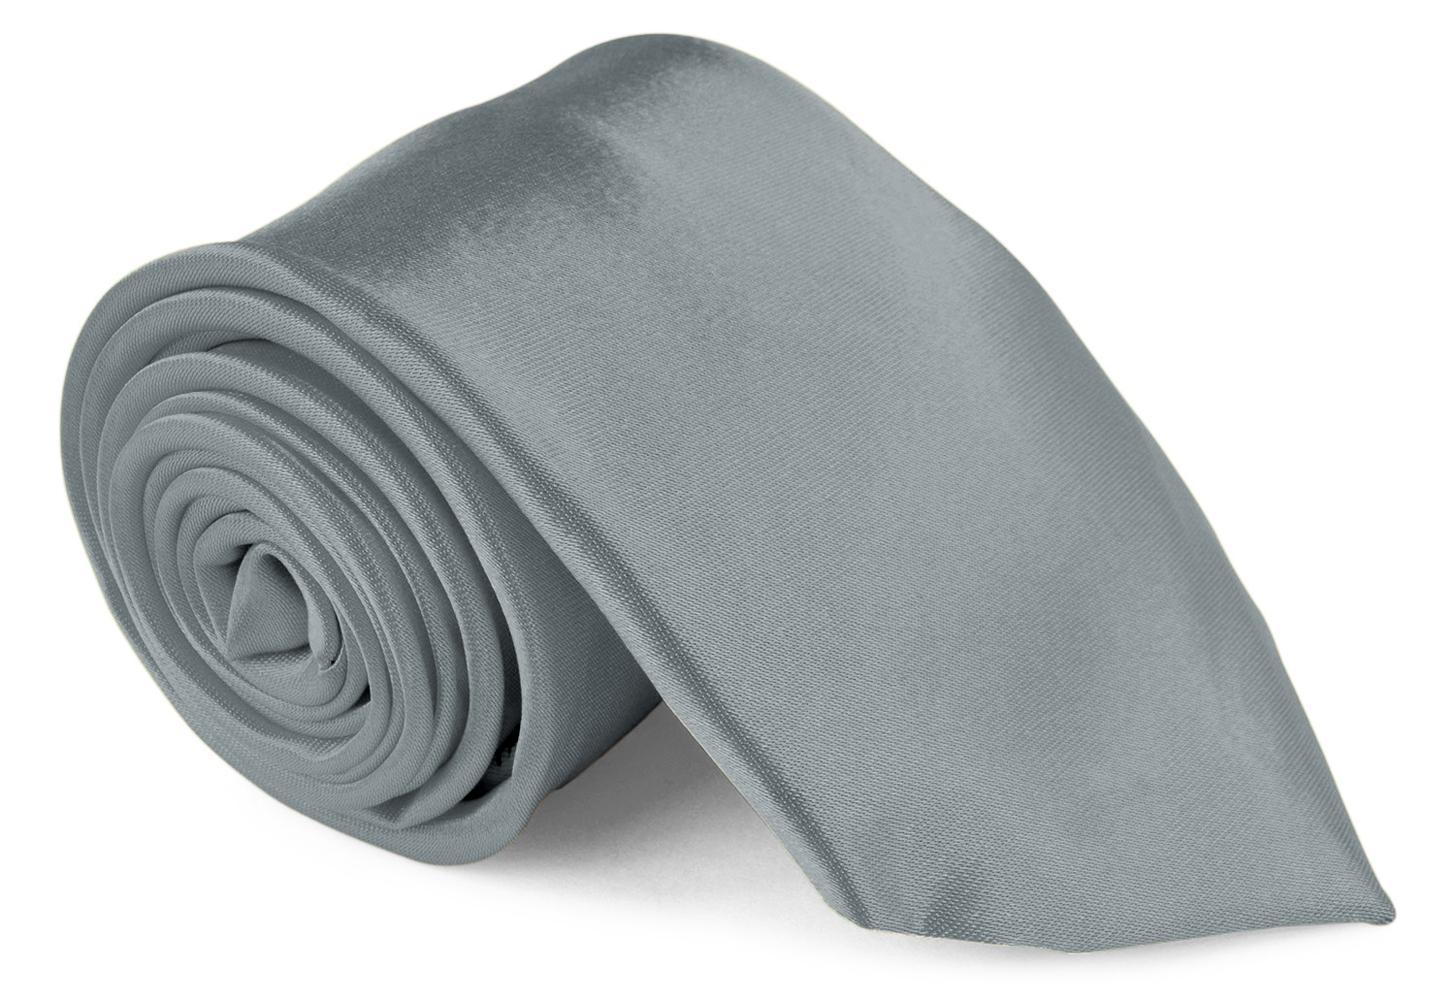 Men Ties Contemprary Width 3 Inch Satin Finish - Gun Metal Gray Neckties